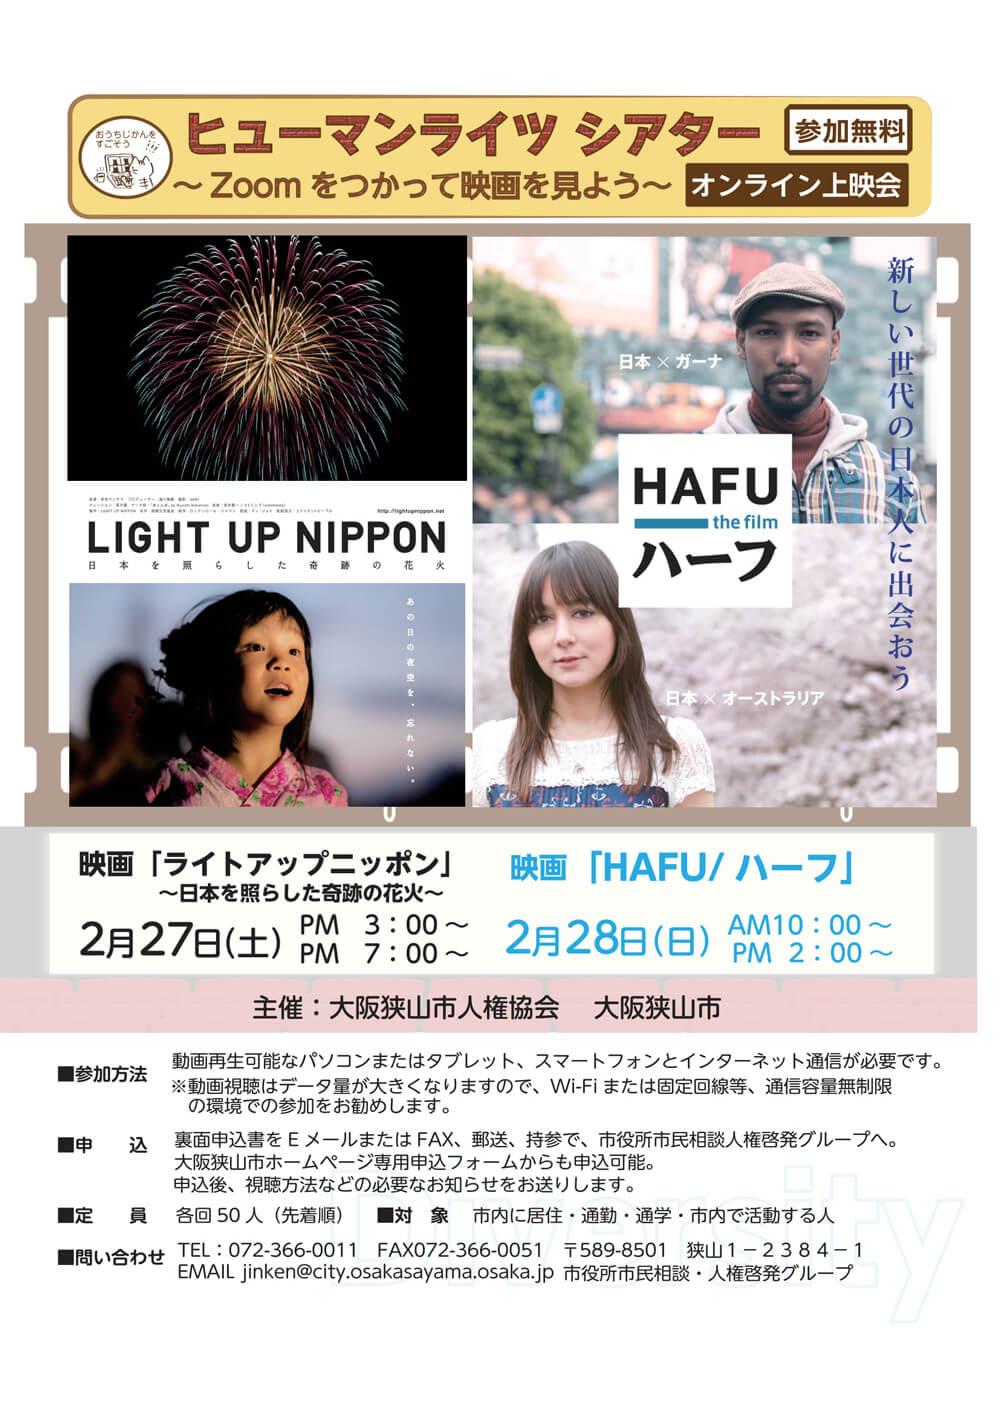 【オンライン上映!参加無料】「ヒューマンライツ-シアター」が2021年2月27日・28日に開催-(1)-1